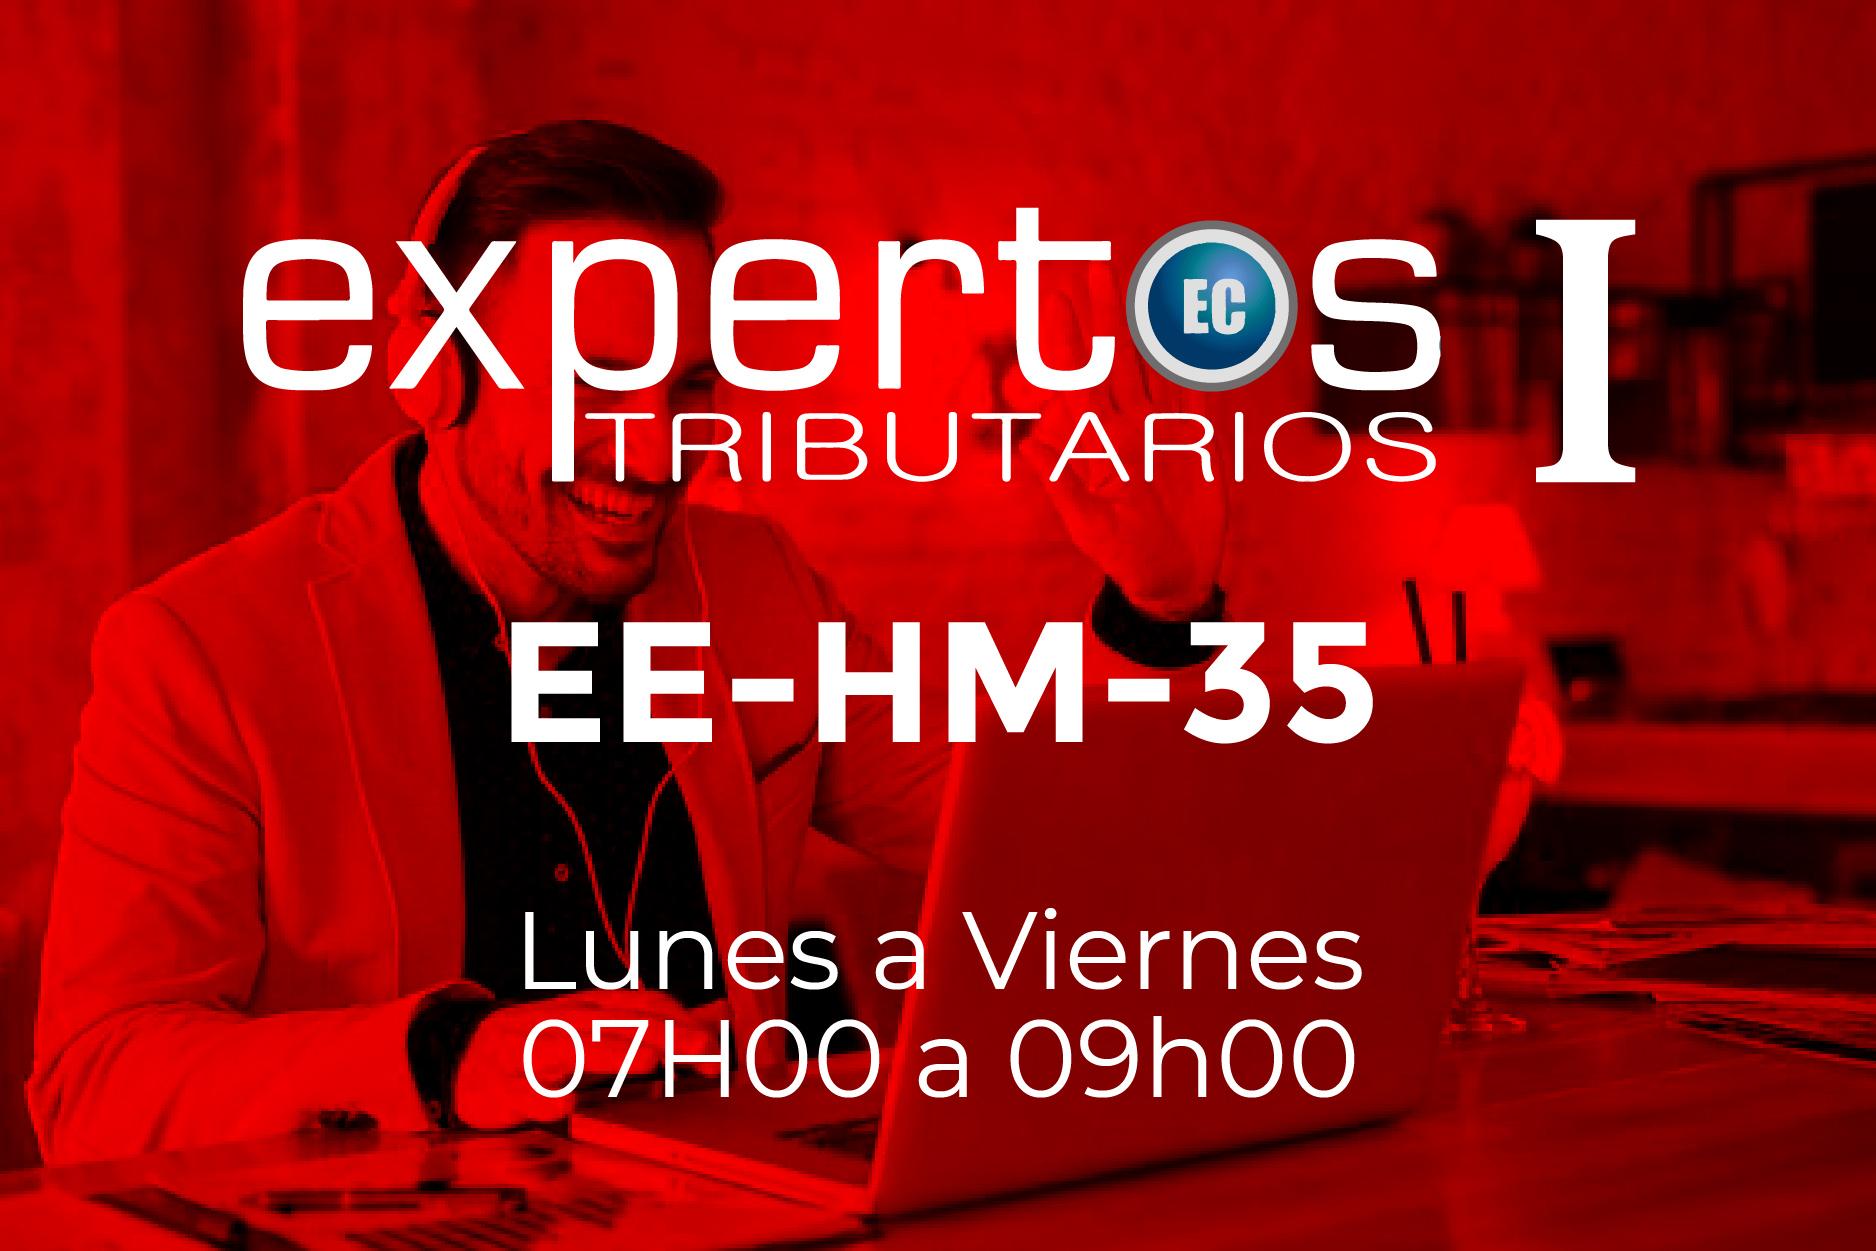 35 - EXPERTOS TRIBUTARIOS - LUNES A VIERNES - 07:00 A 09:00